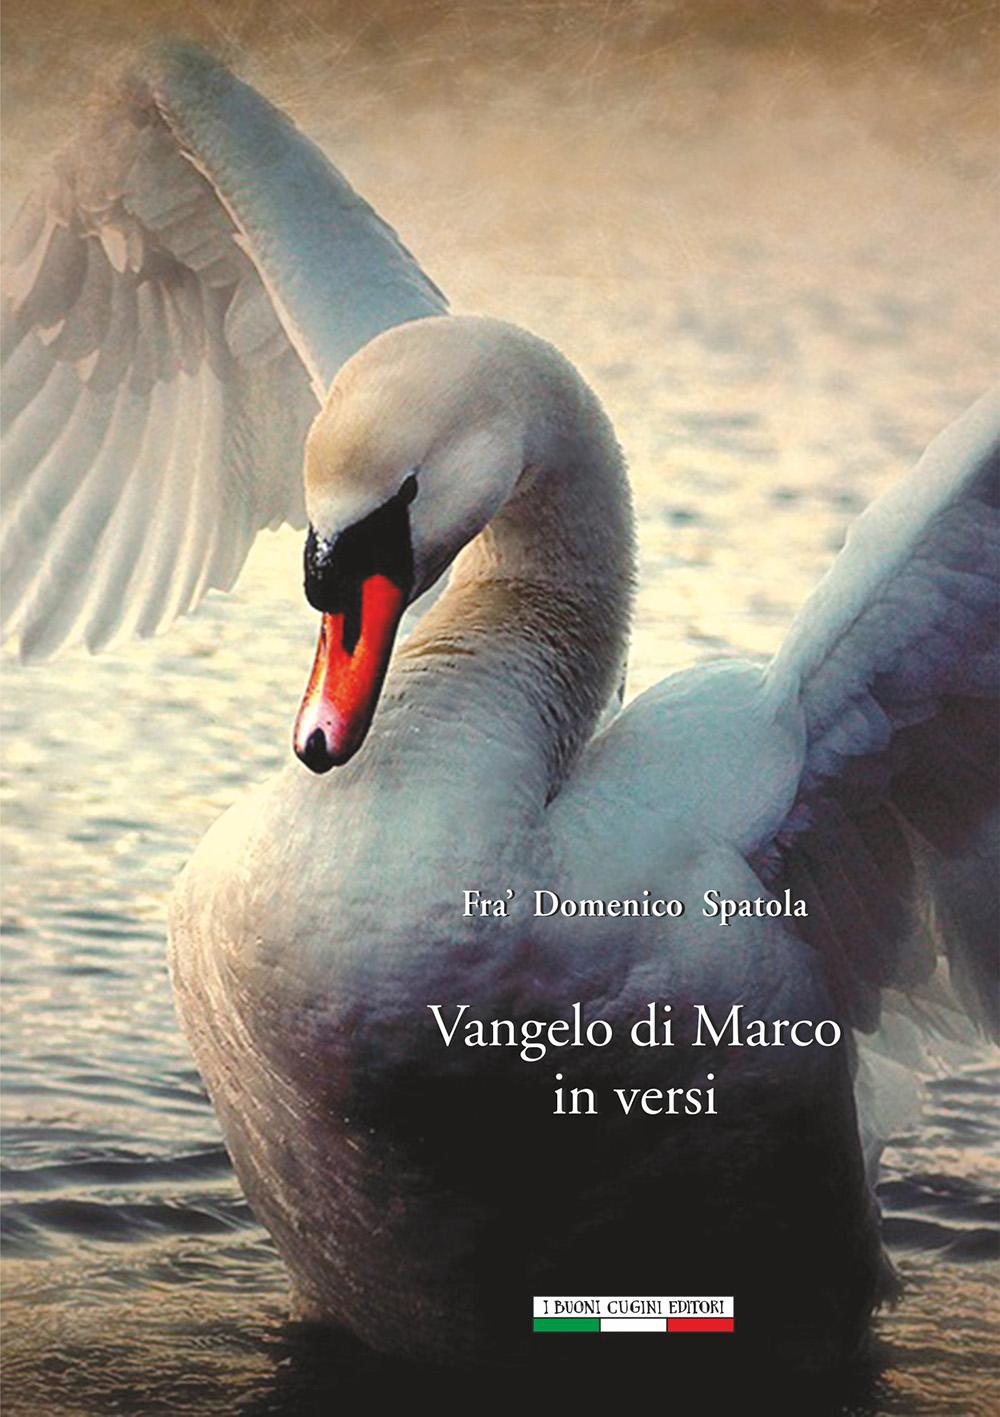 Per acquistare Vangelo di Marco in versi